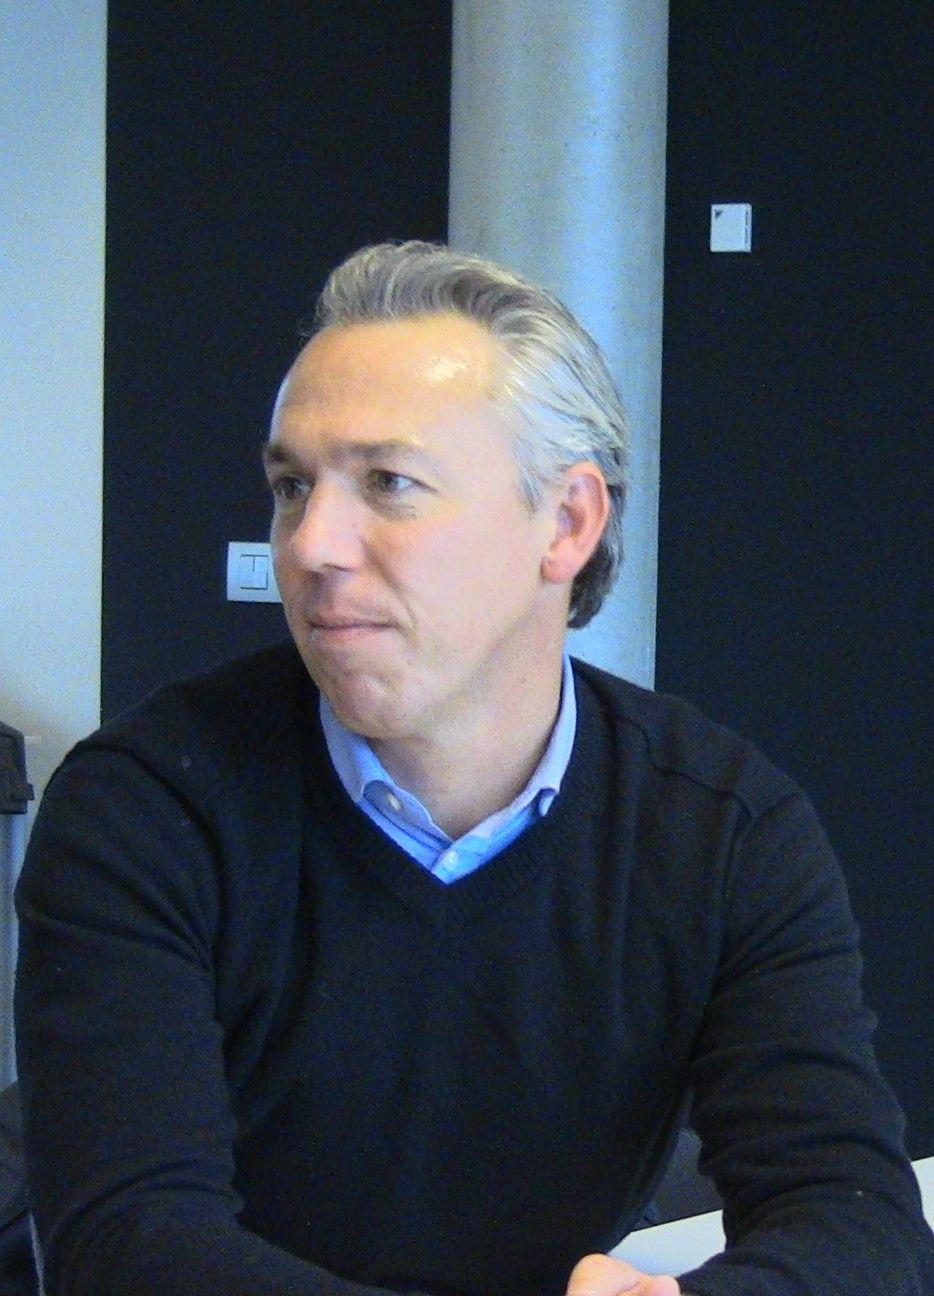 Filip Meganck